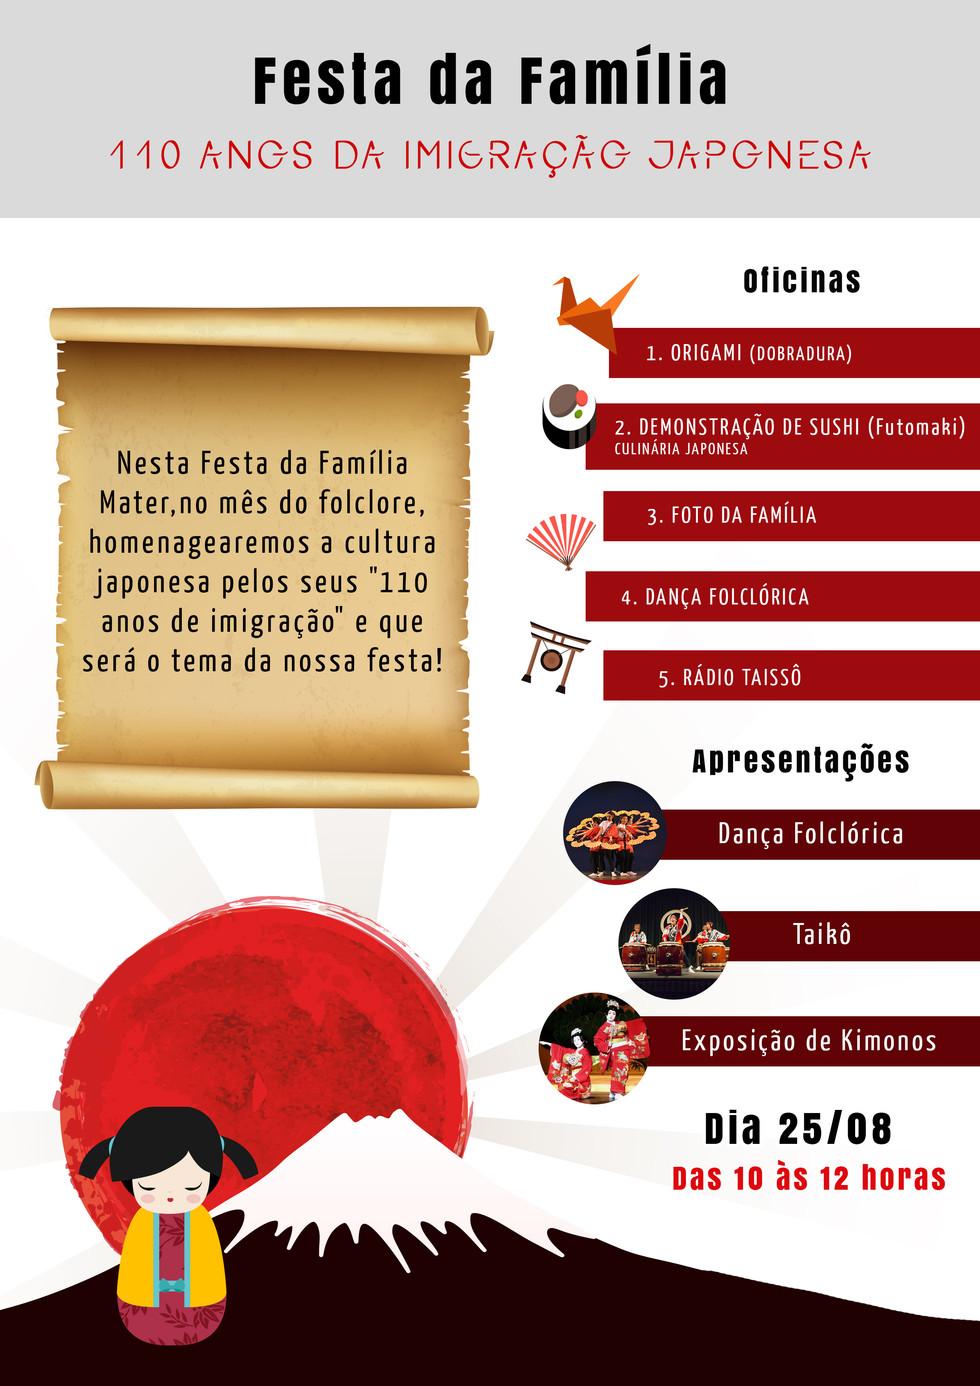 FestadaFamiliaConvite.jpg